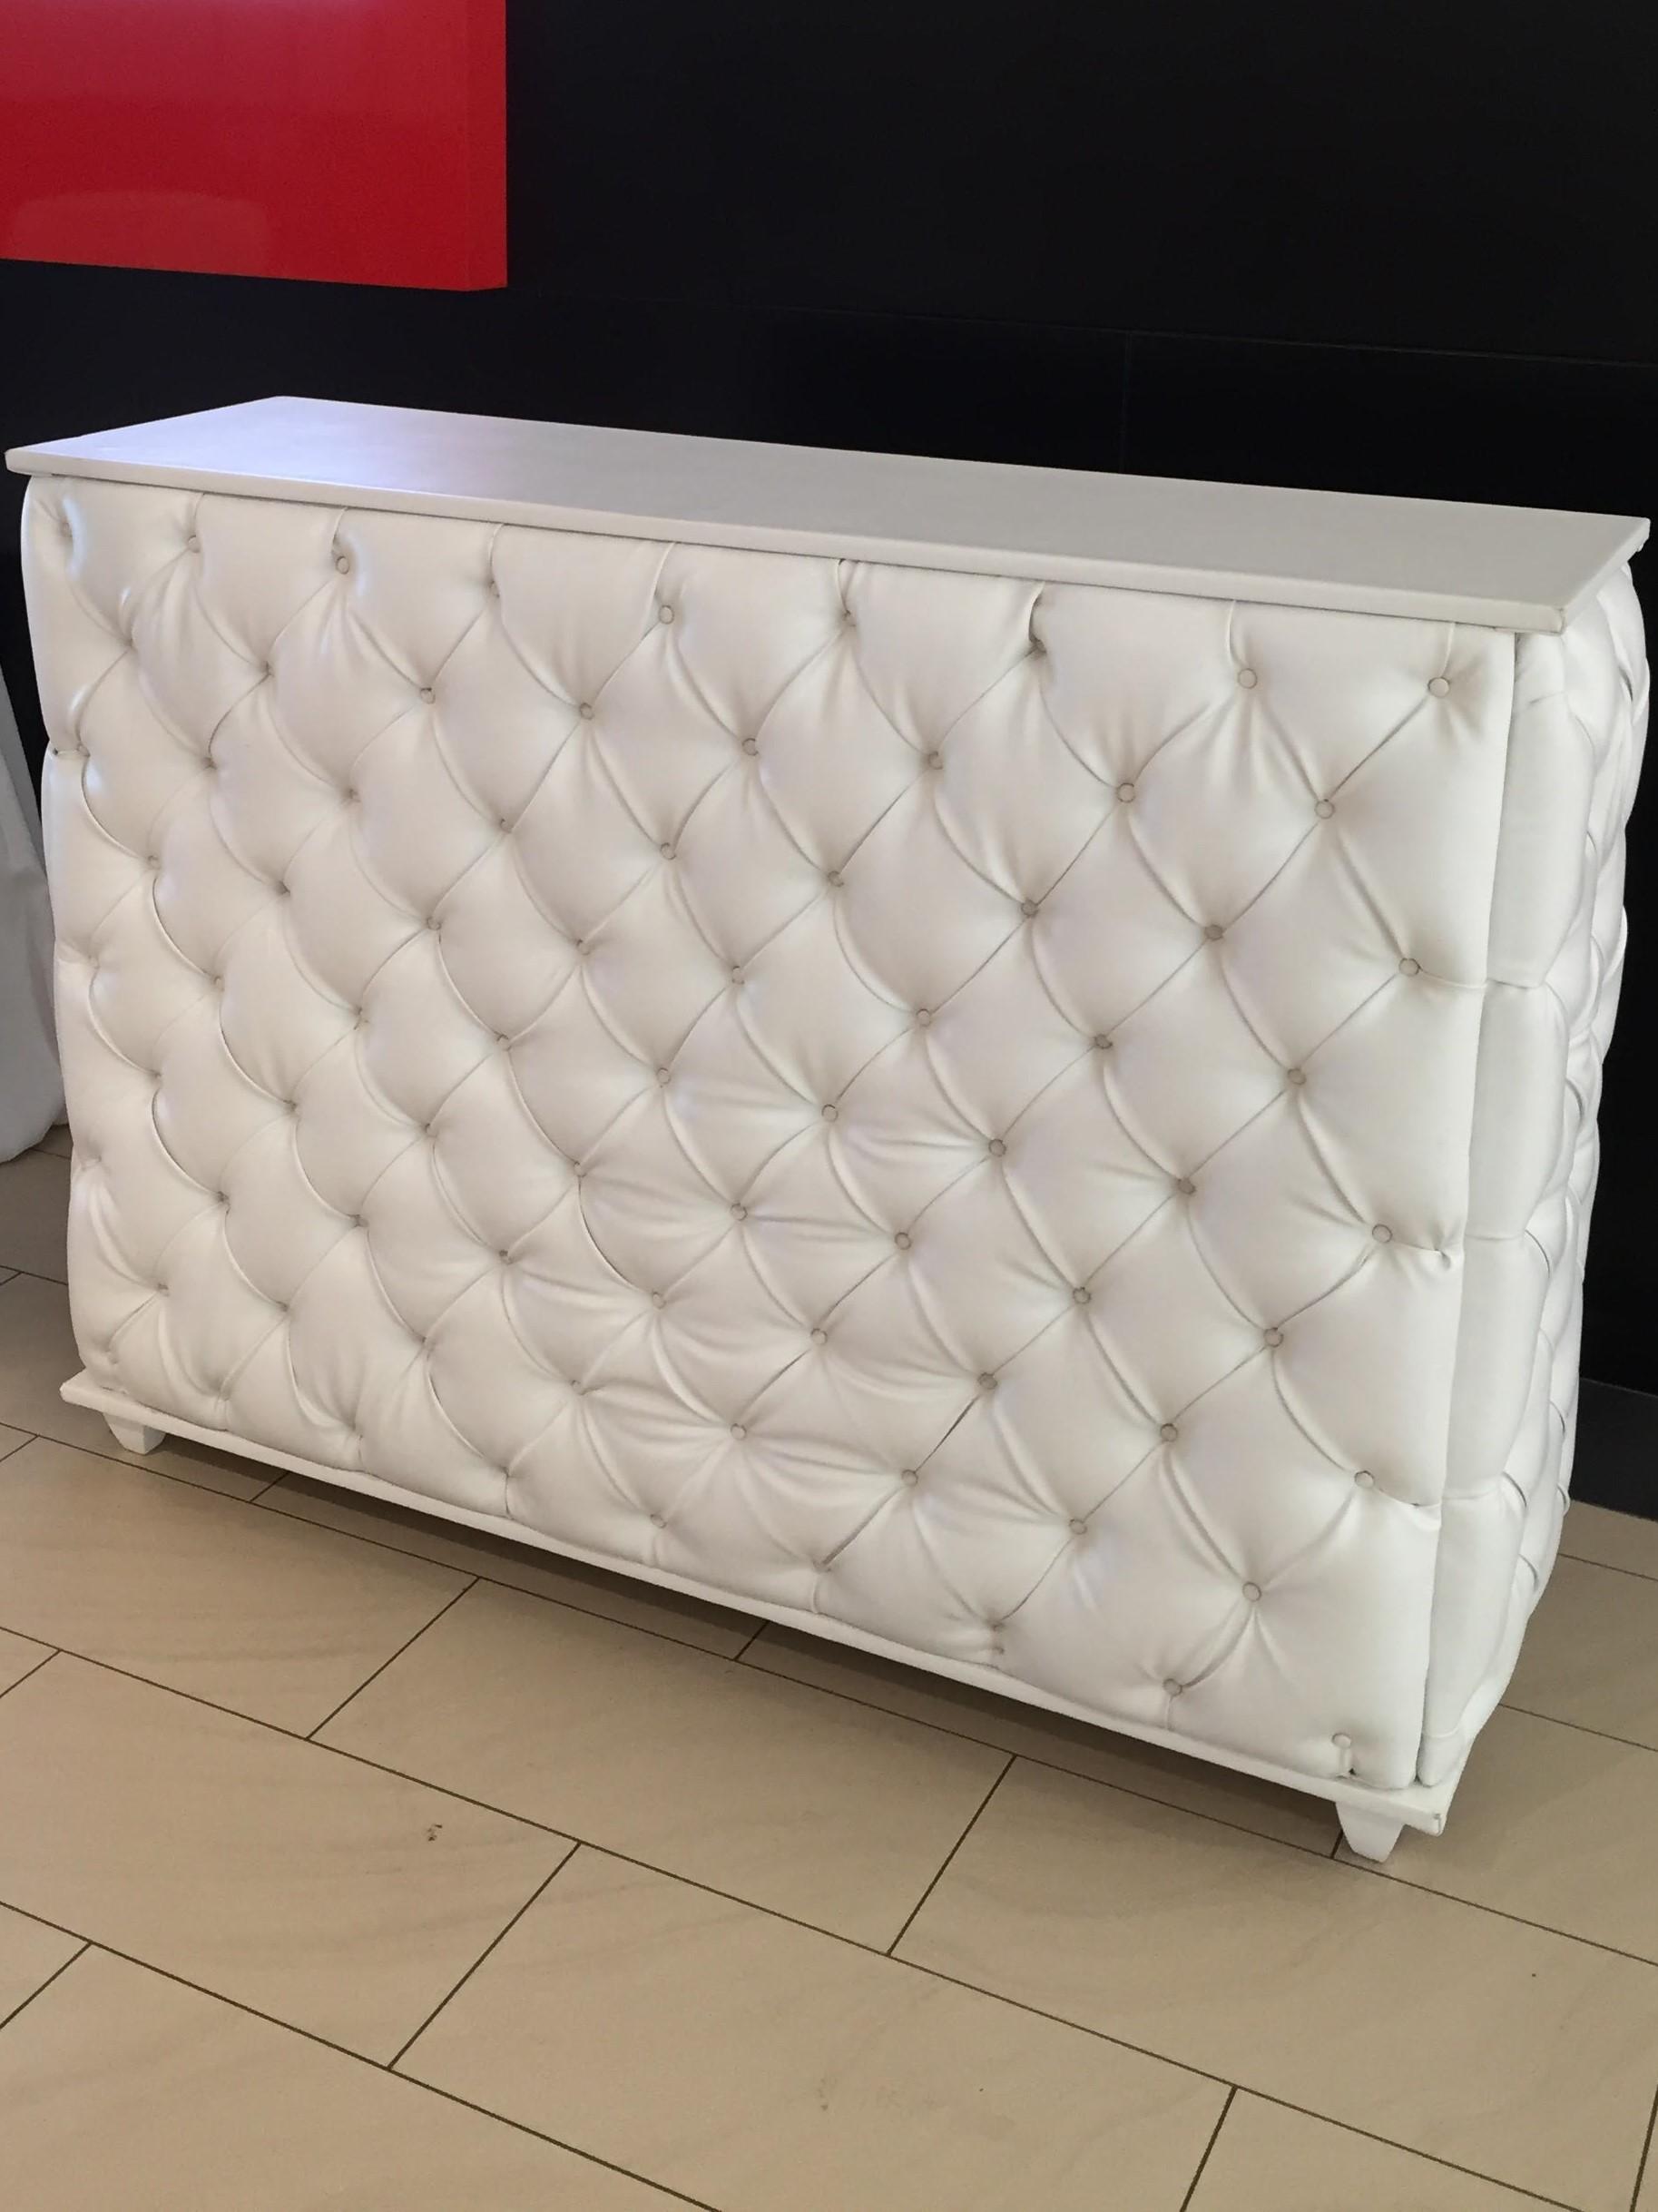 White tufted bar $195